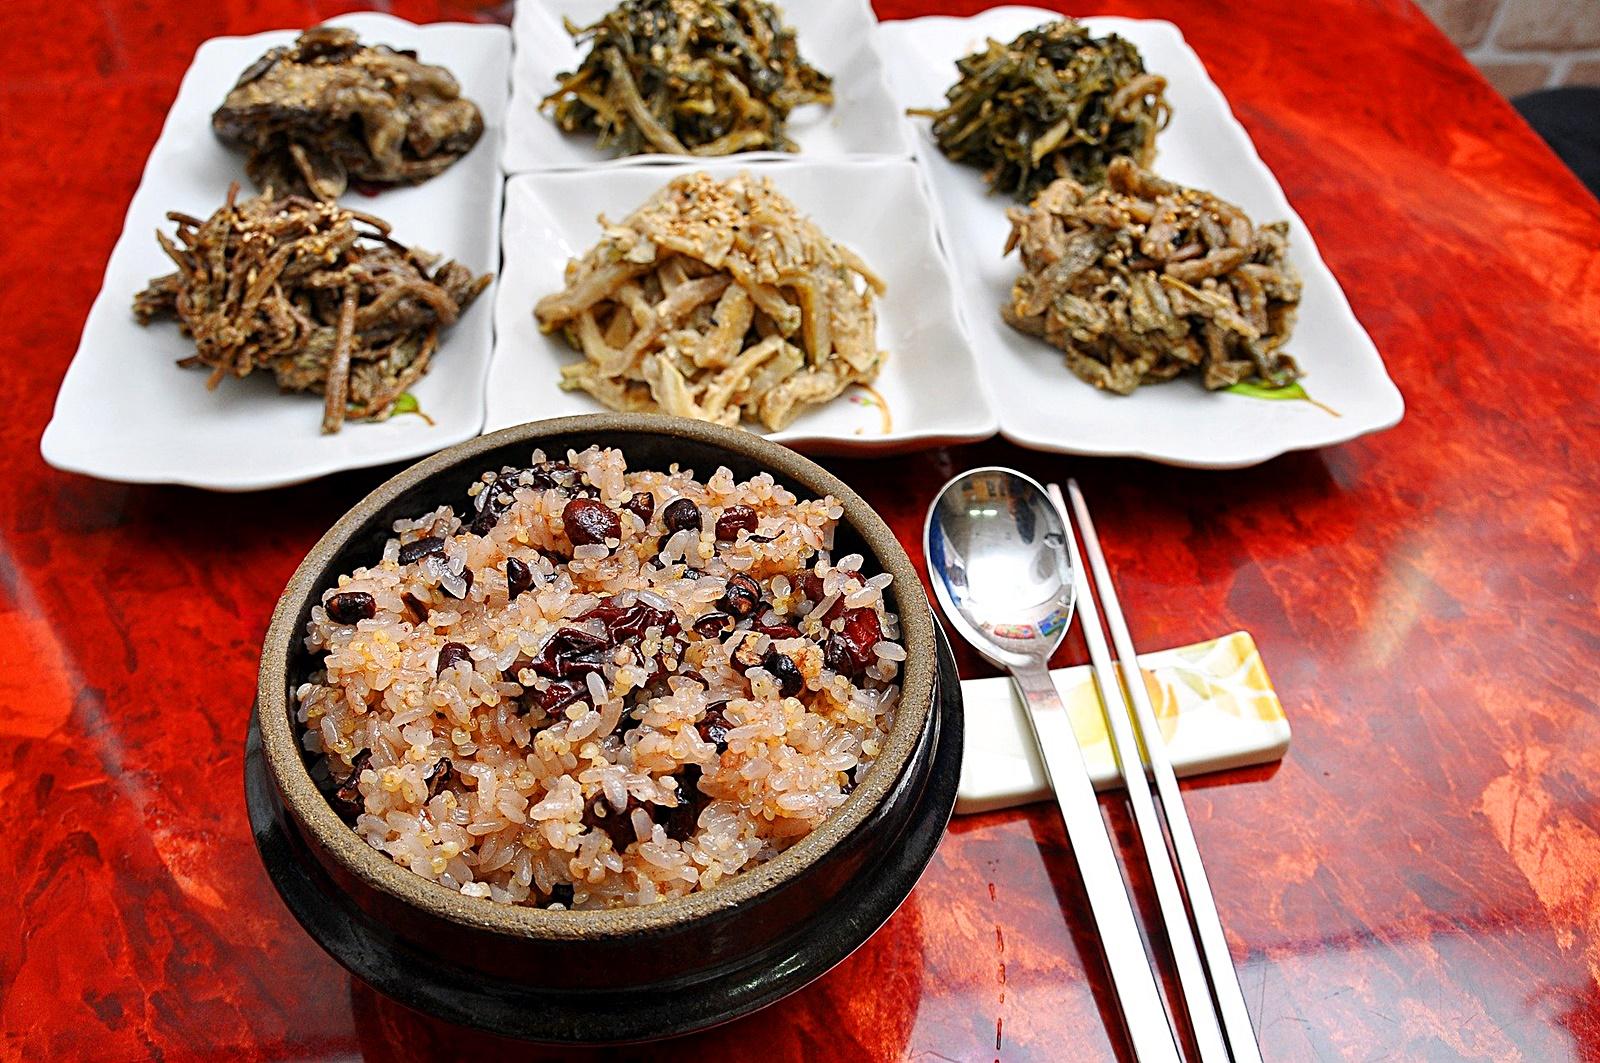 오곡밥과 나물들